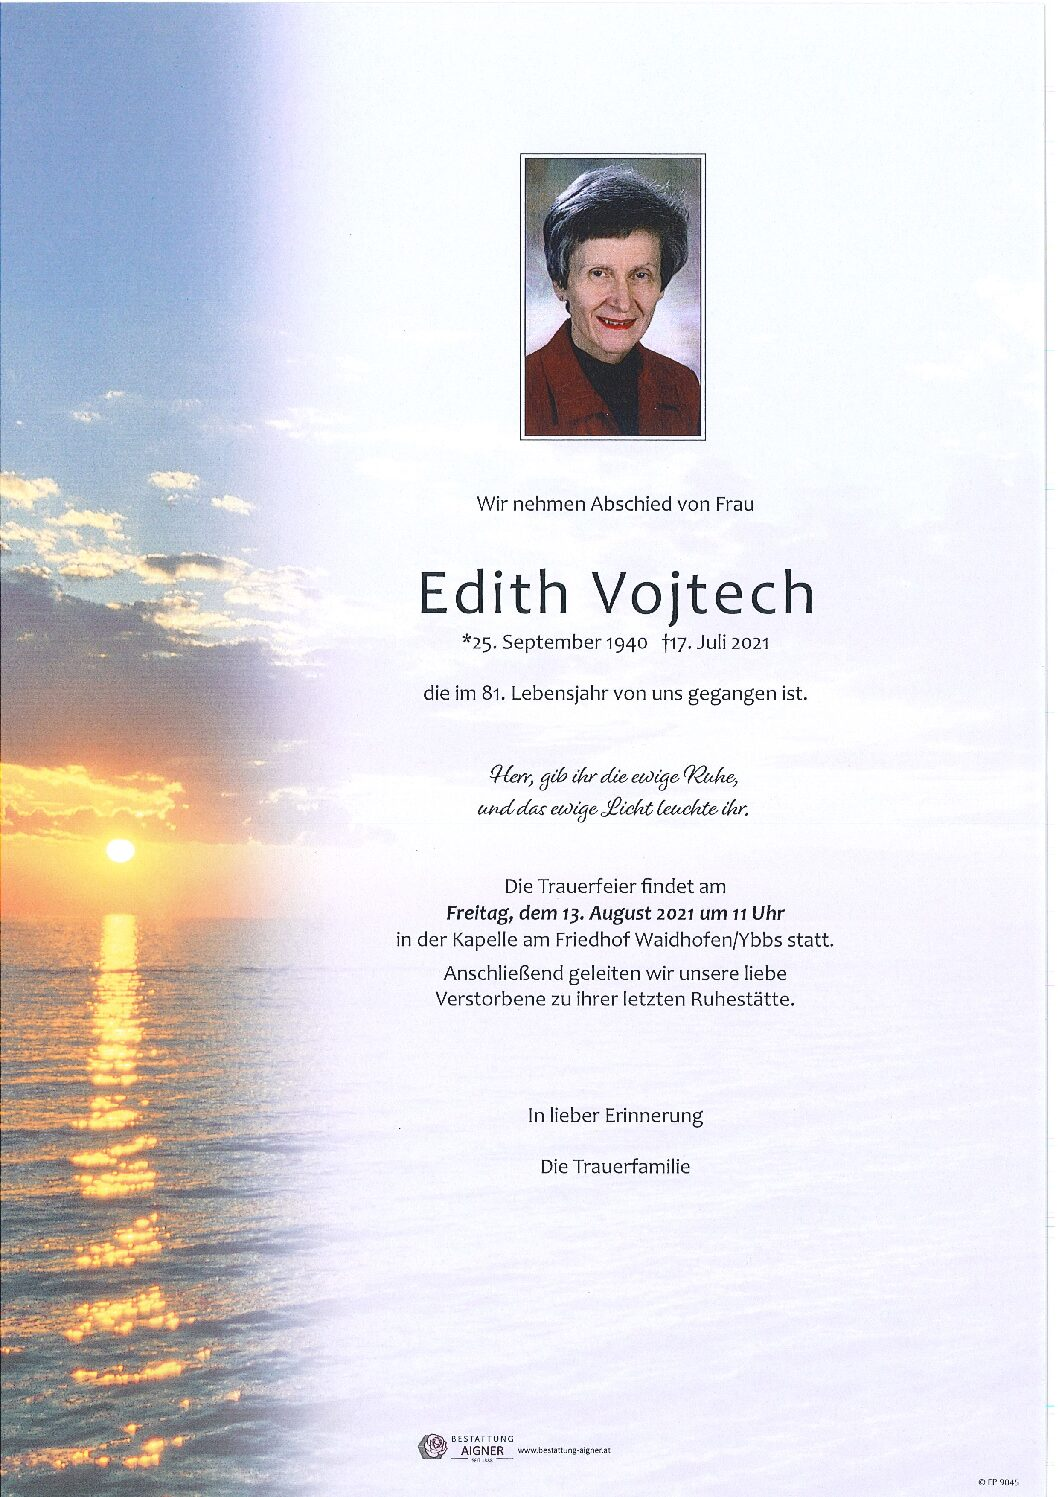 Edith Vojtech